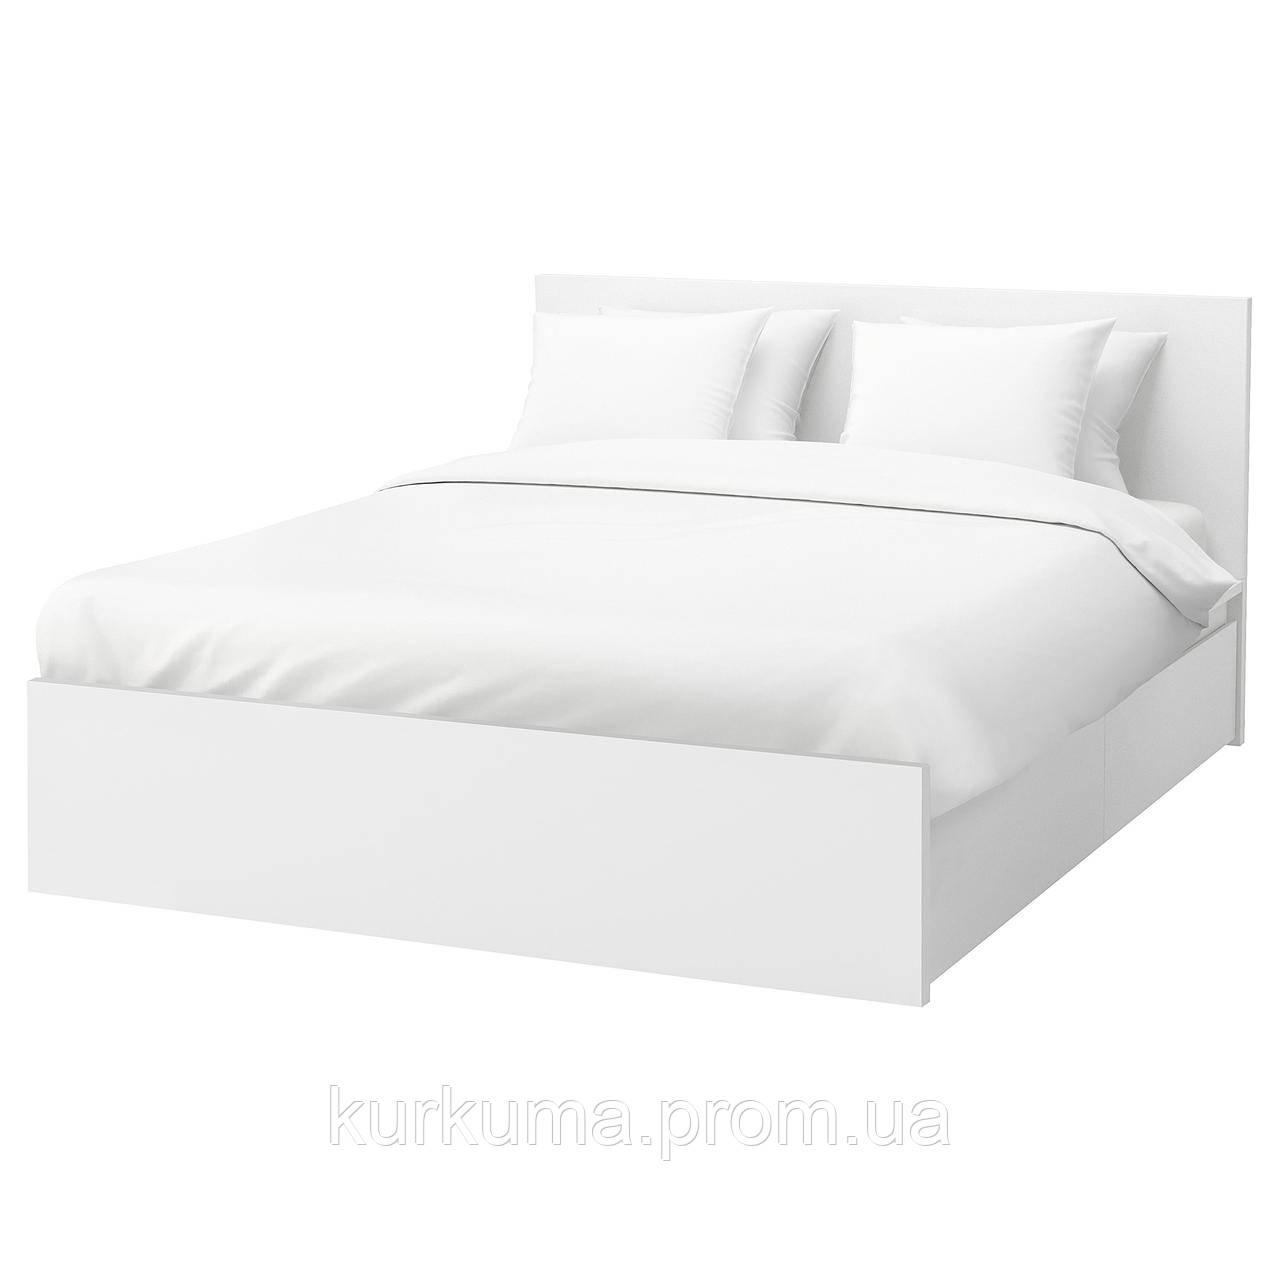 IKEA MALM Кровать с 2 ящиками, белый  (390.479.21)